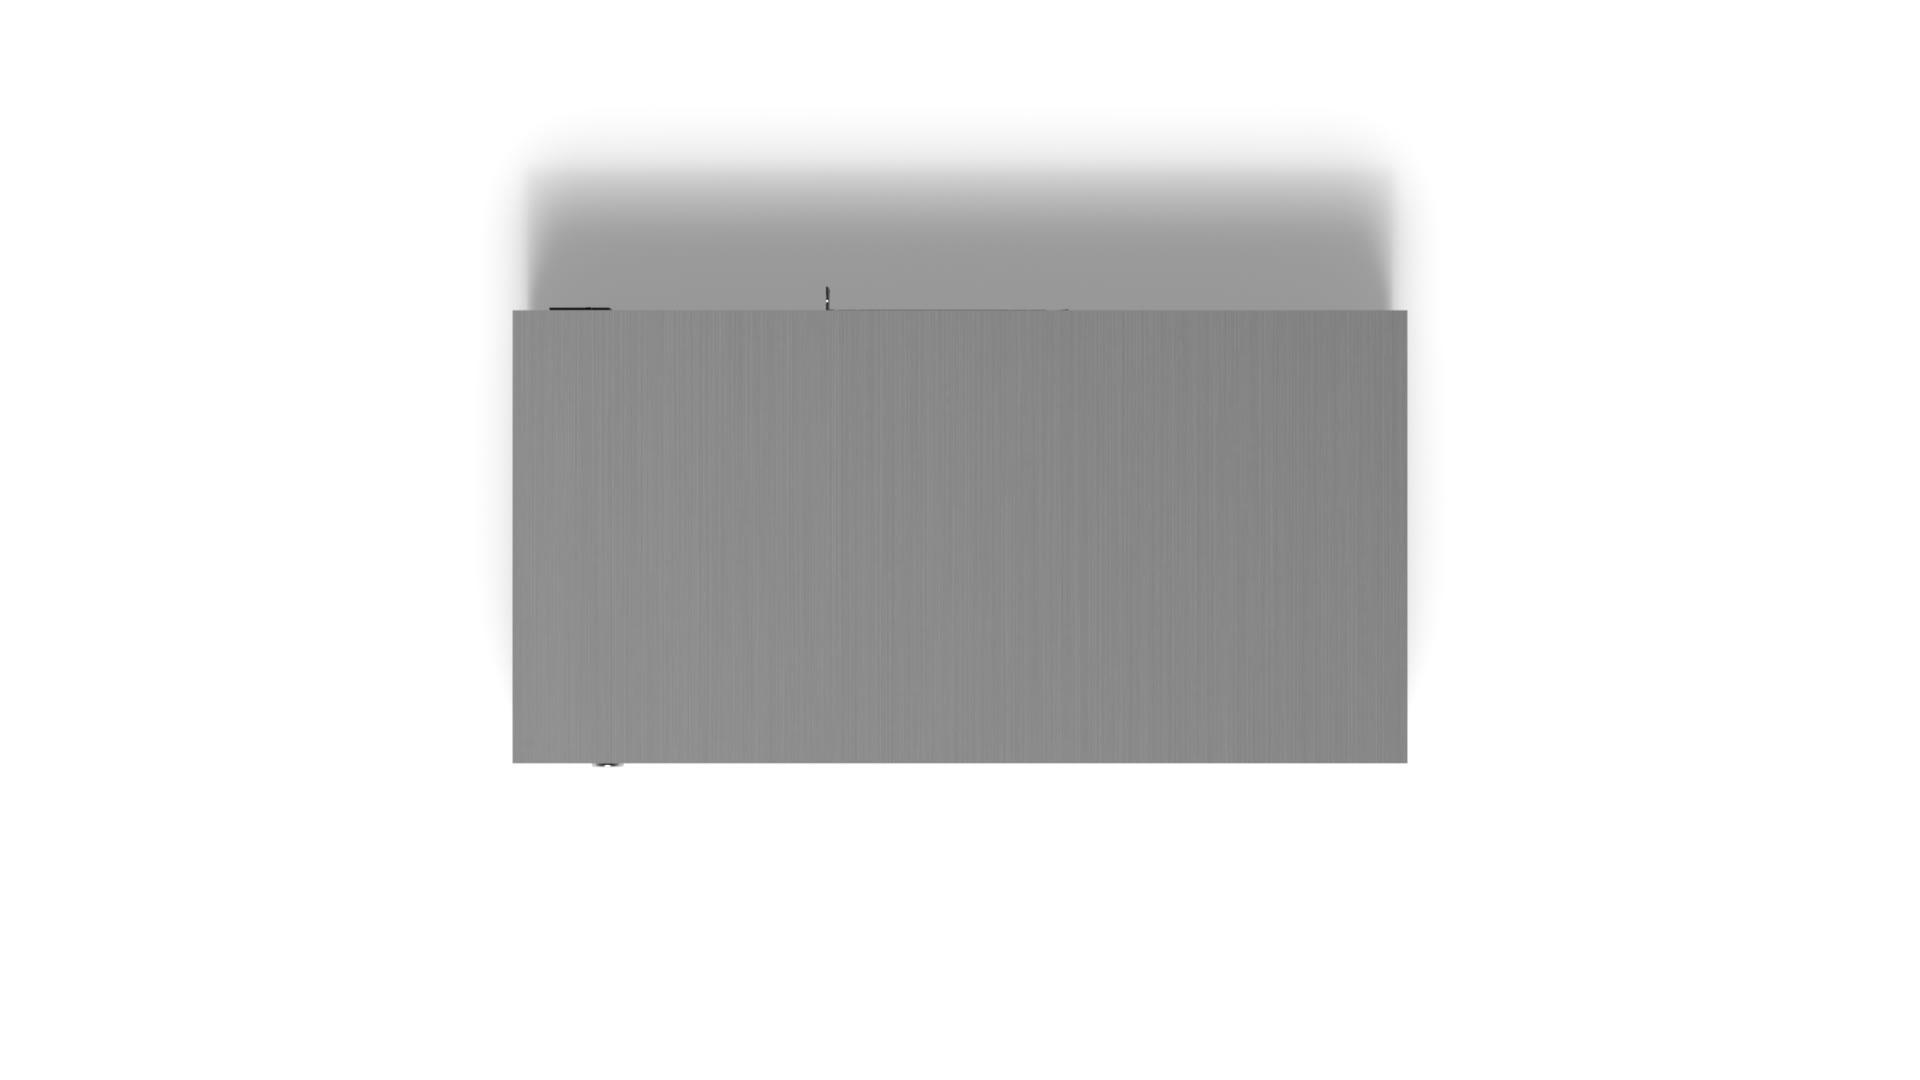 Desktop-Top.jpg